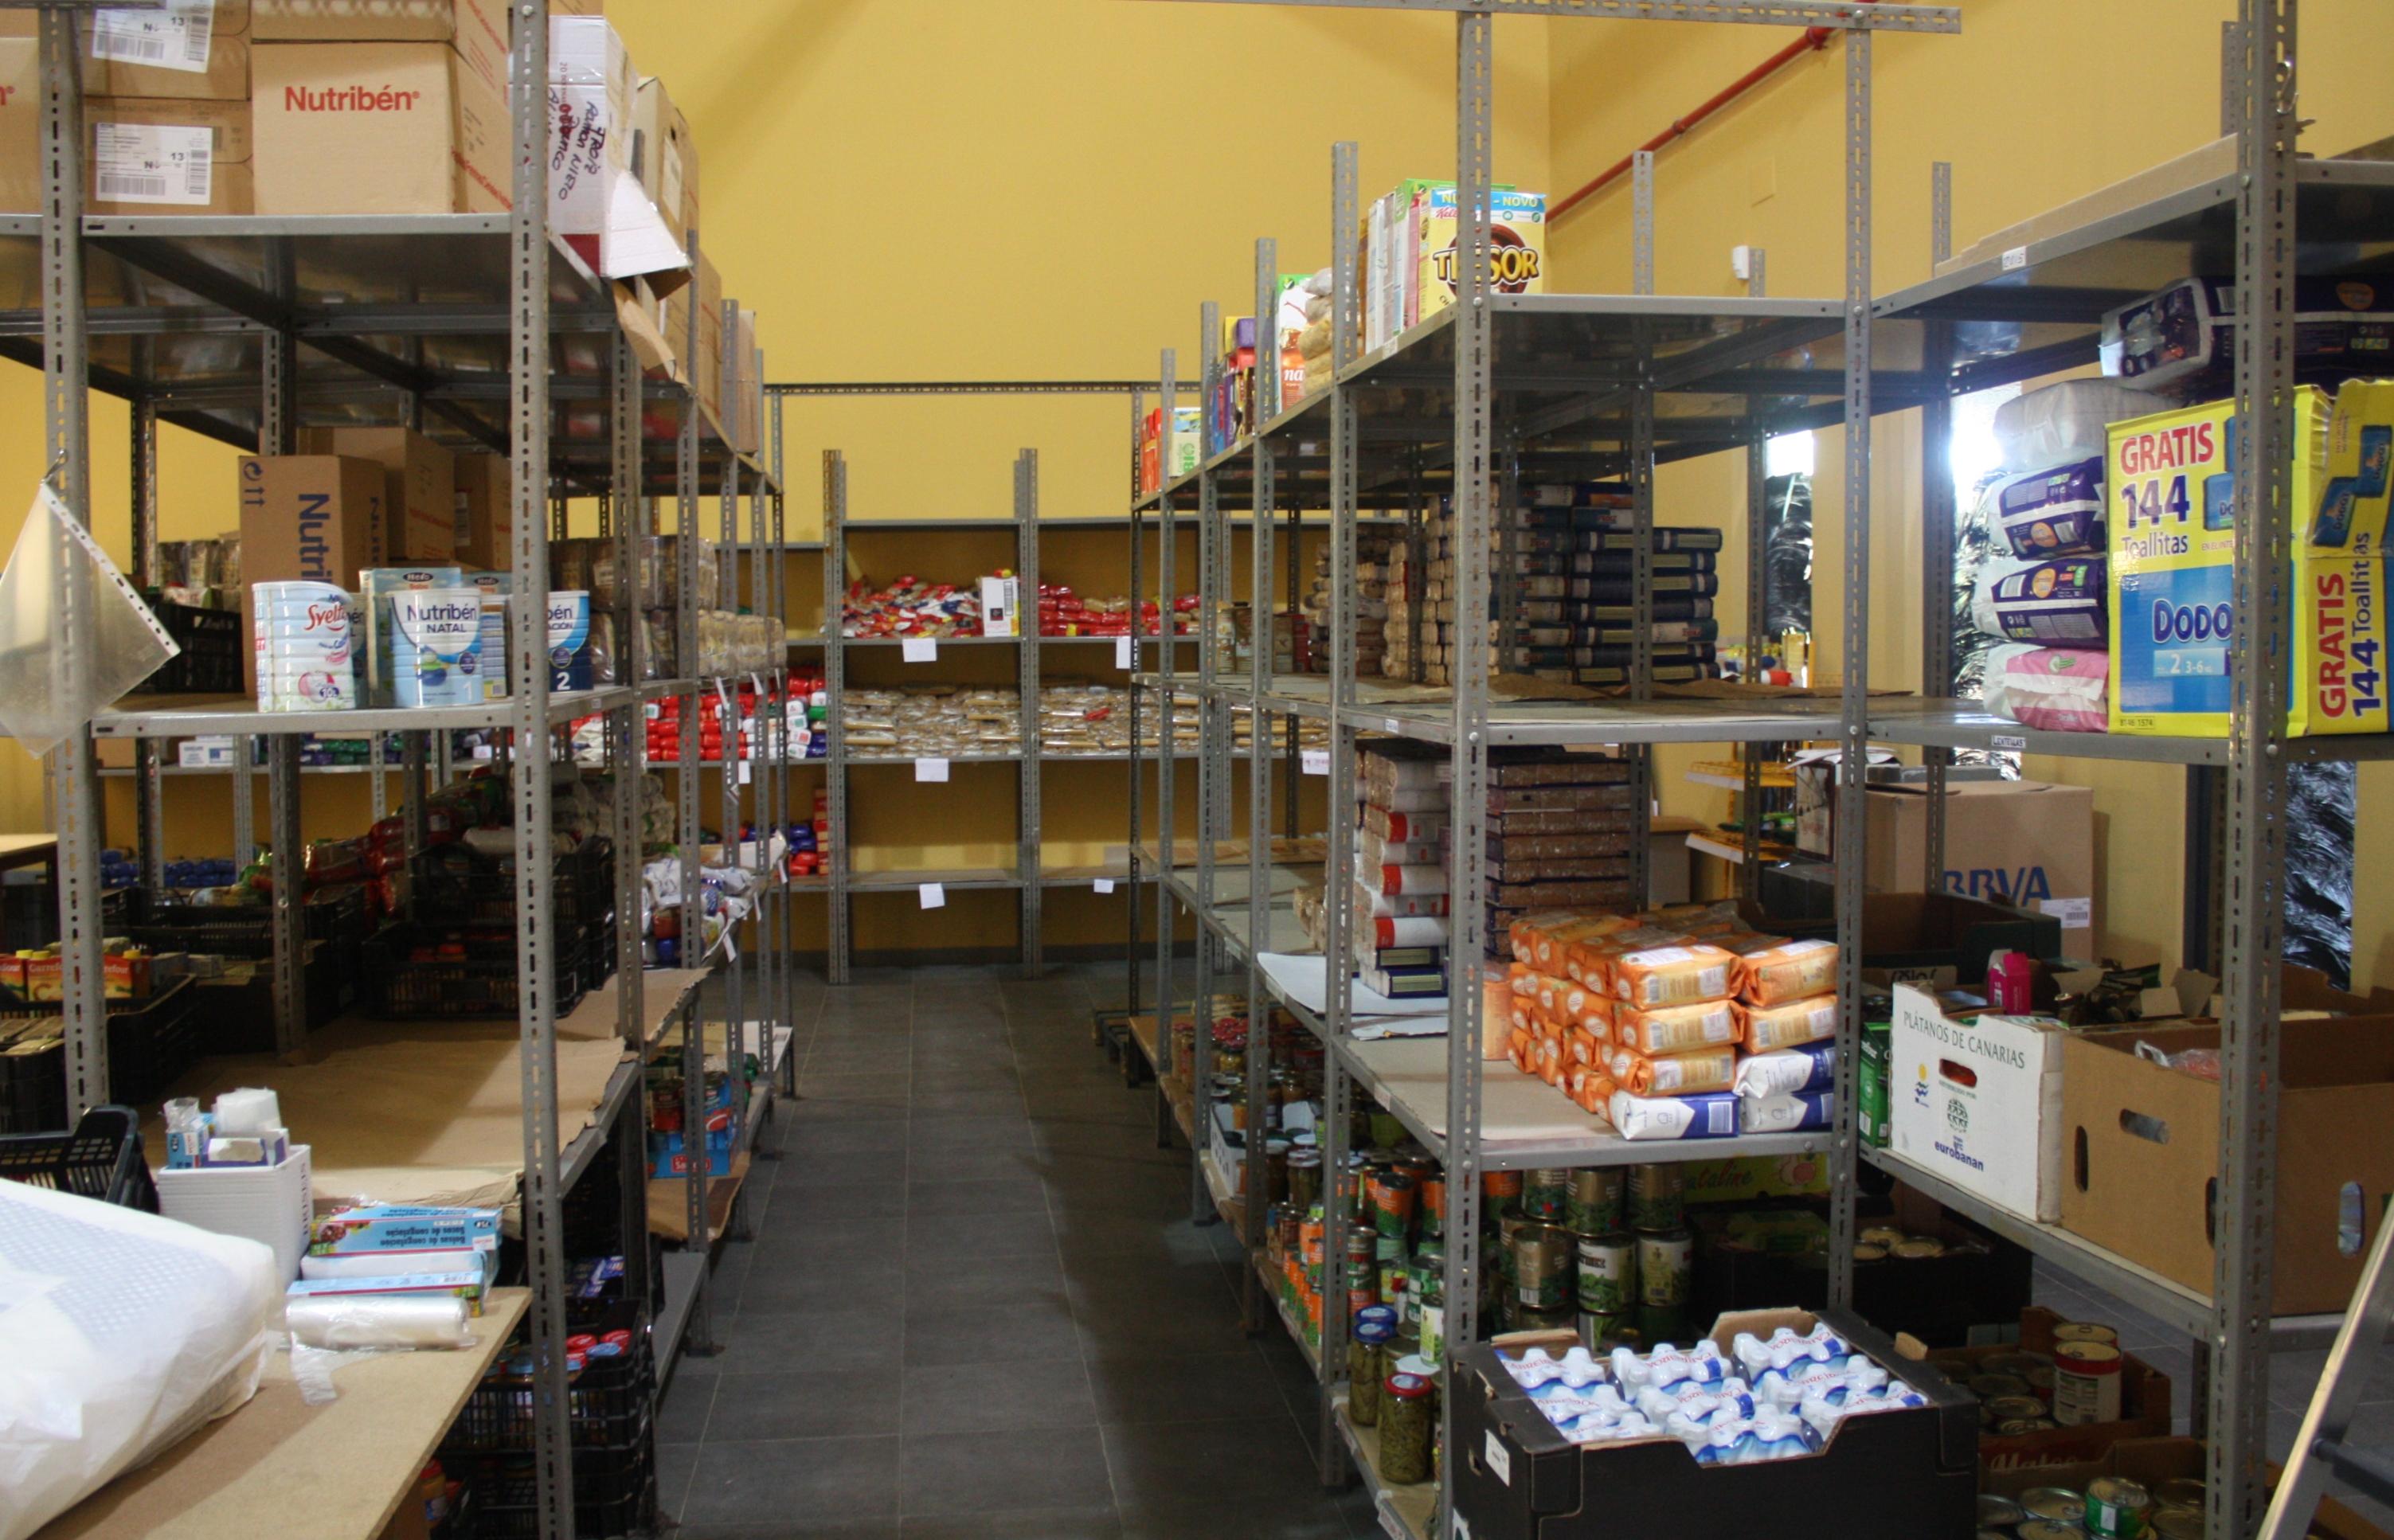 Ficheiro sanxenxo banco de alimentos 01 04r jpg wikipedia a enciclopedia libre - Banco de alimentos wikipedia ...